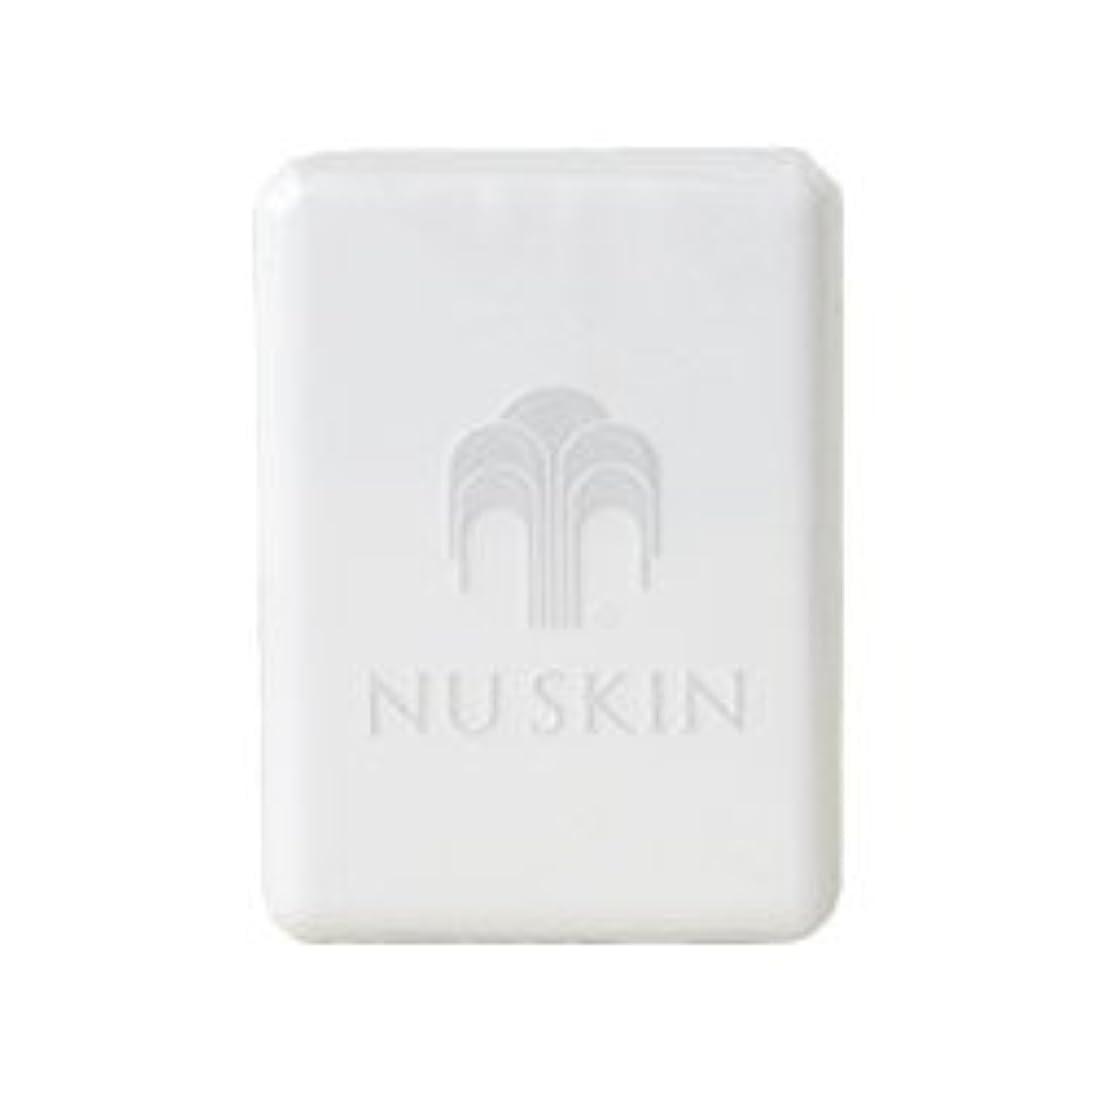 ニュースキン NU SKIN ボディーバー 03110353